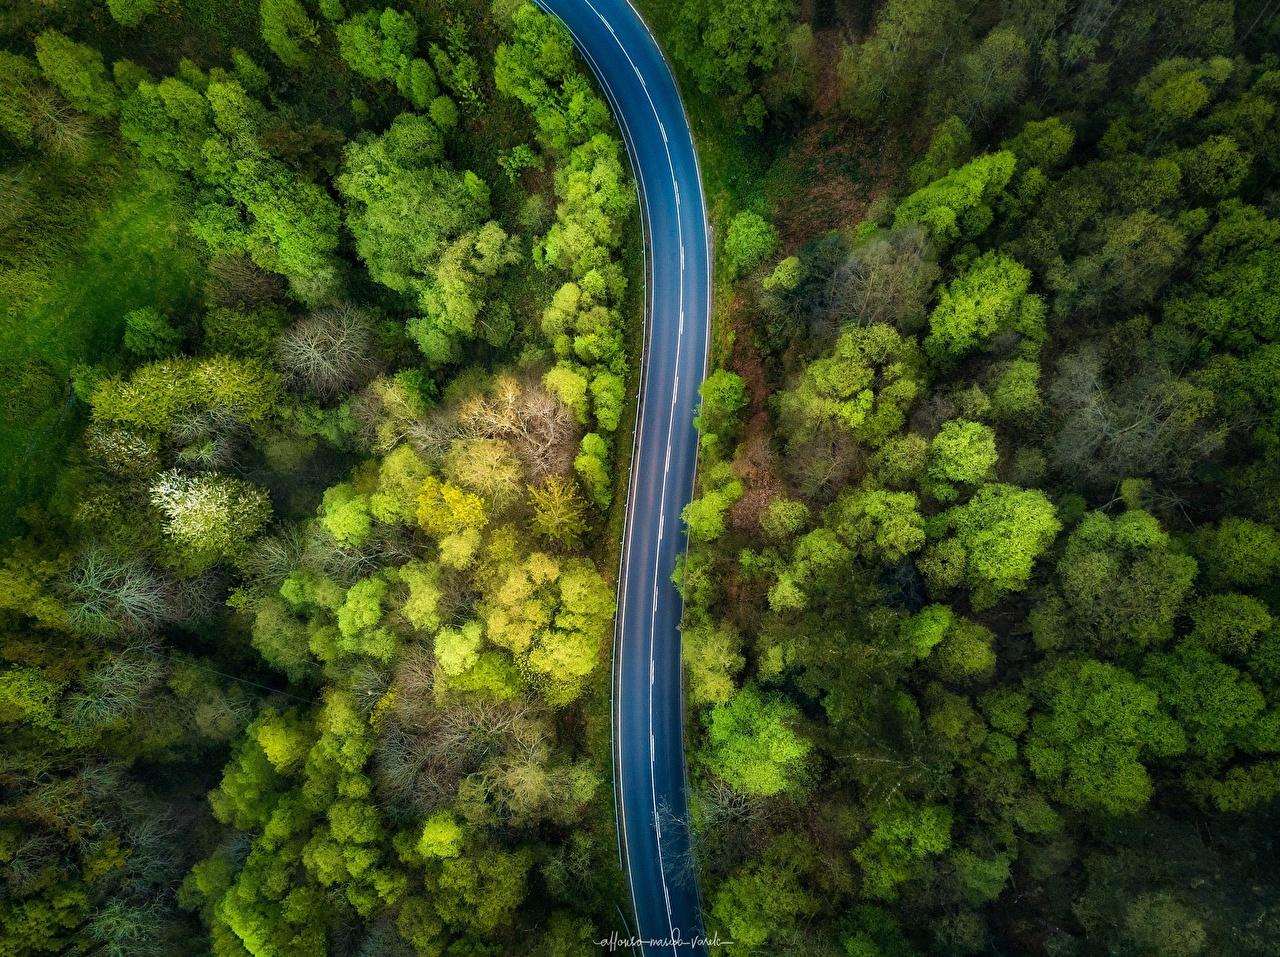 Обои для рабочего стола Природа Леса Дороги Сверху деревьев лес дерево дерева Деревья